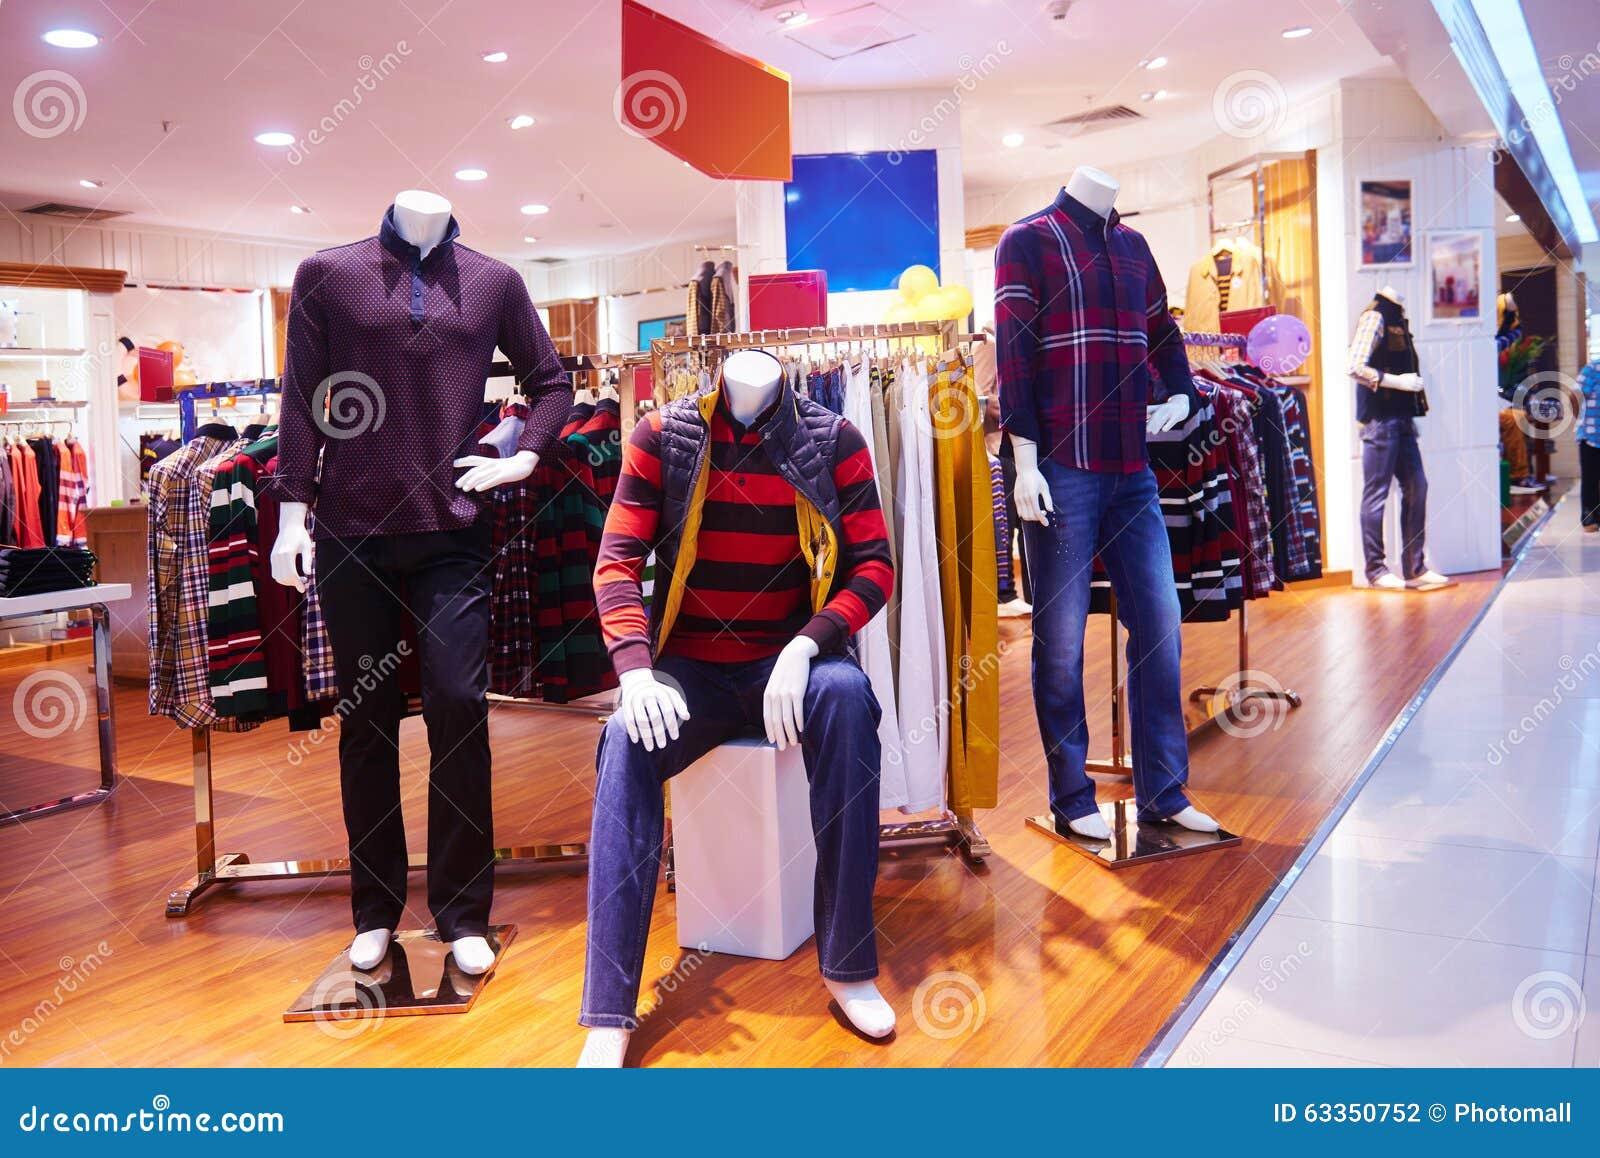 523956552 Tienda De Ropa Interior De La Tienda De La Moda Foto de archivo ...